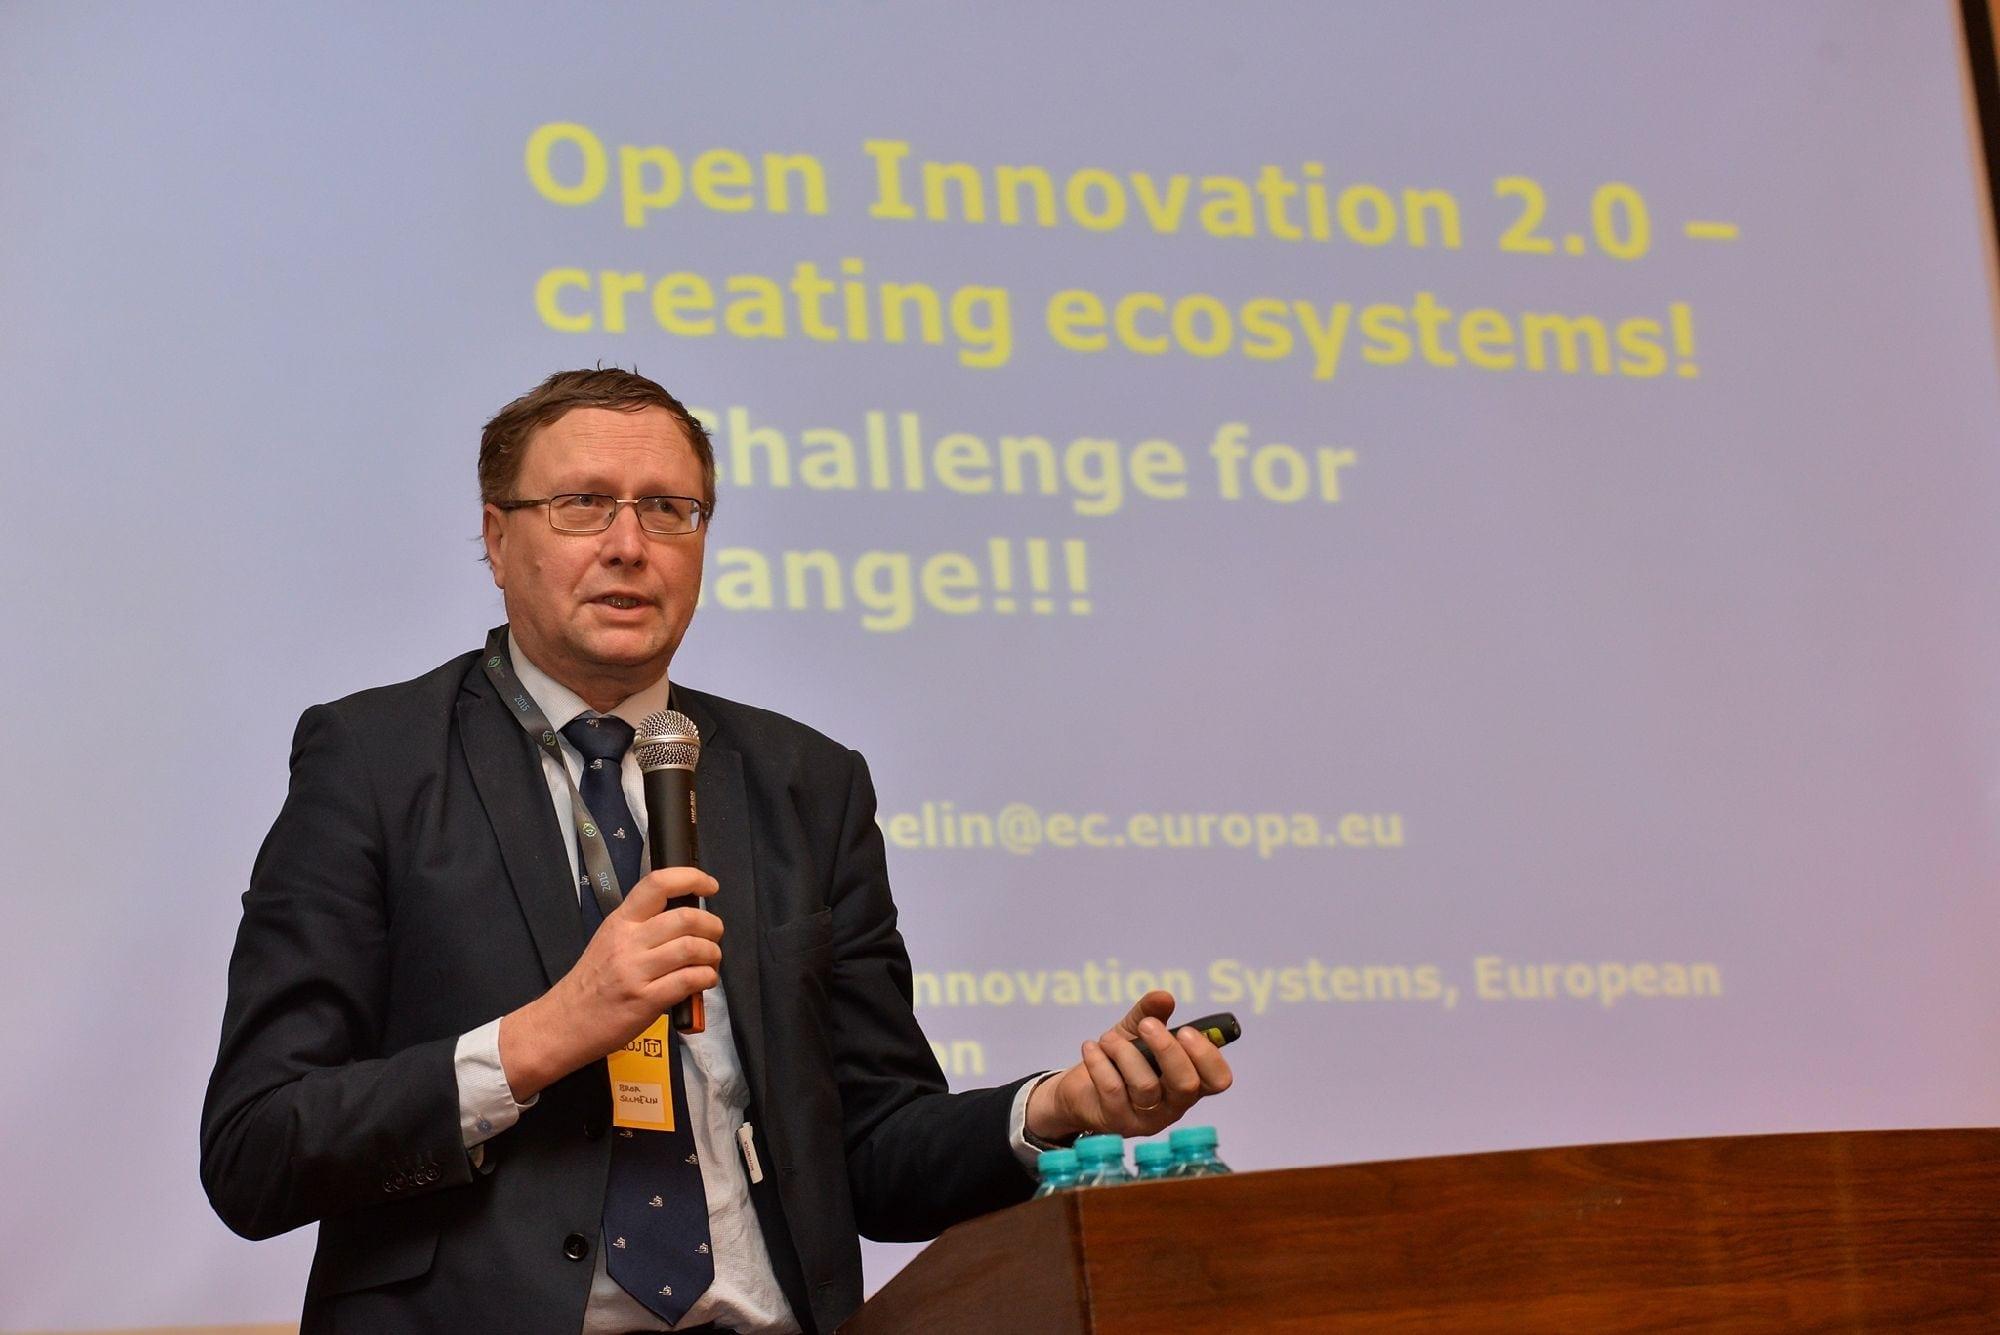 Cluj Innovation Days pune pe tapet două teme majore: medicina digitală și administrația digitală